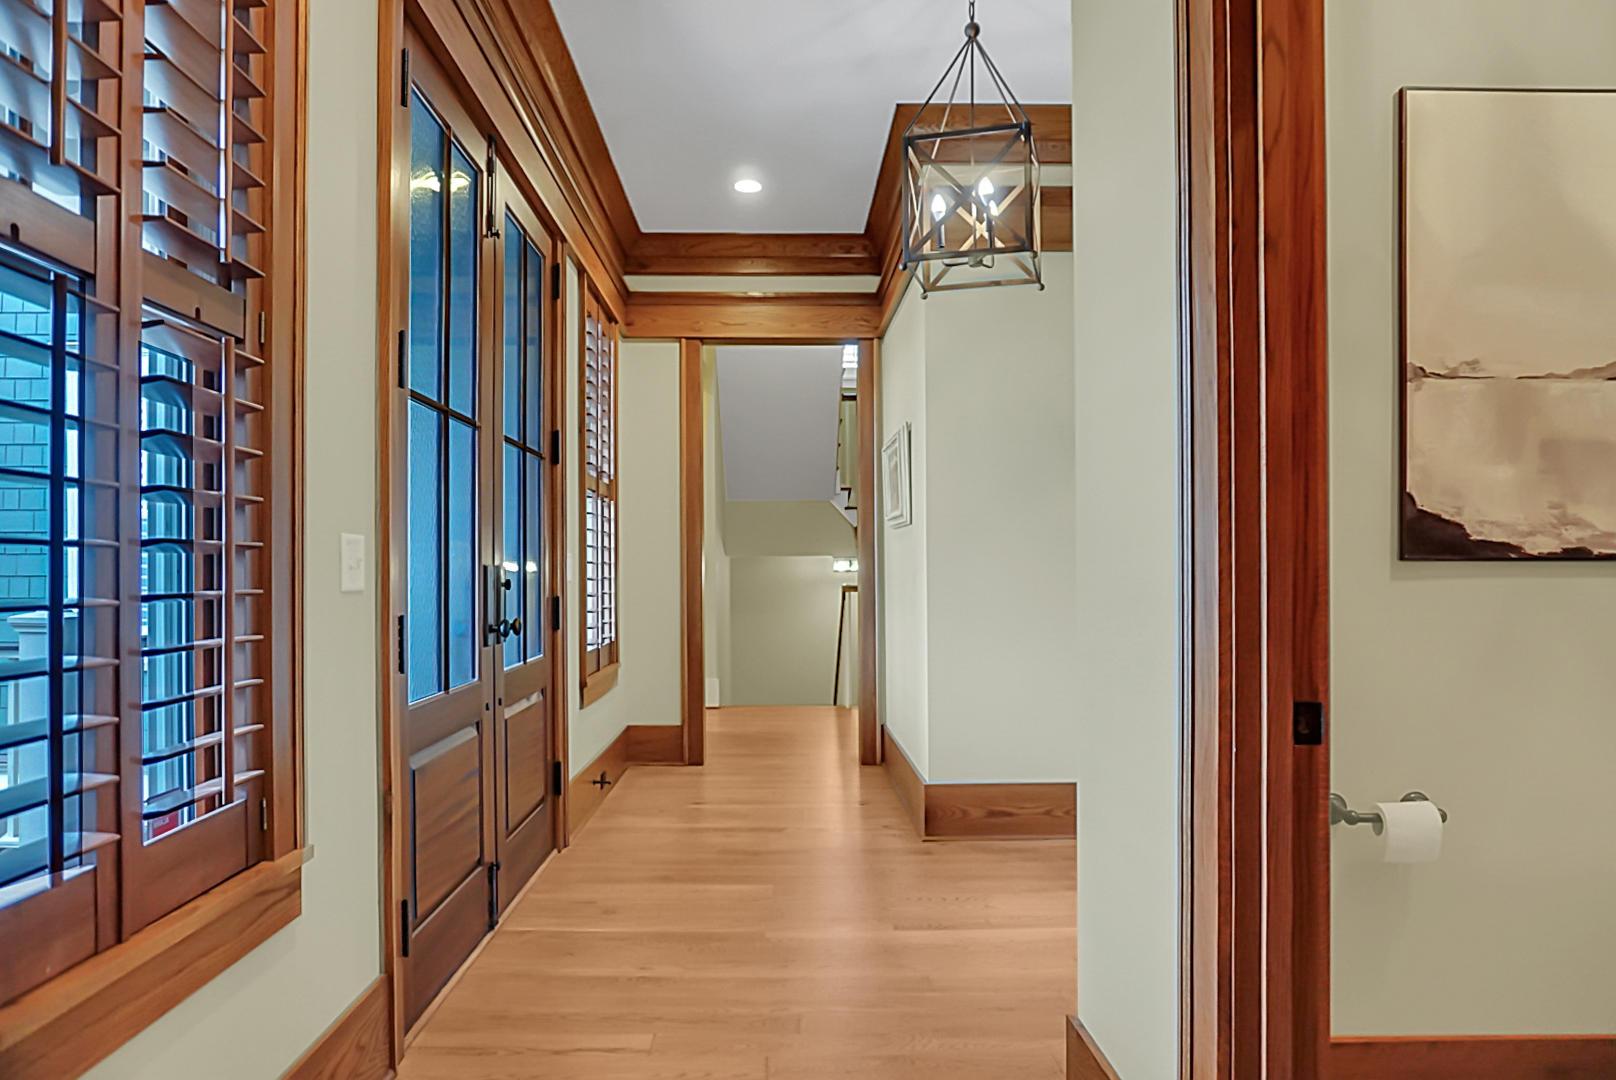 Dunes West Homes For Sale - 2978 River Vista, Mount Pleasant, SC - 97